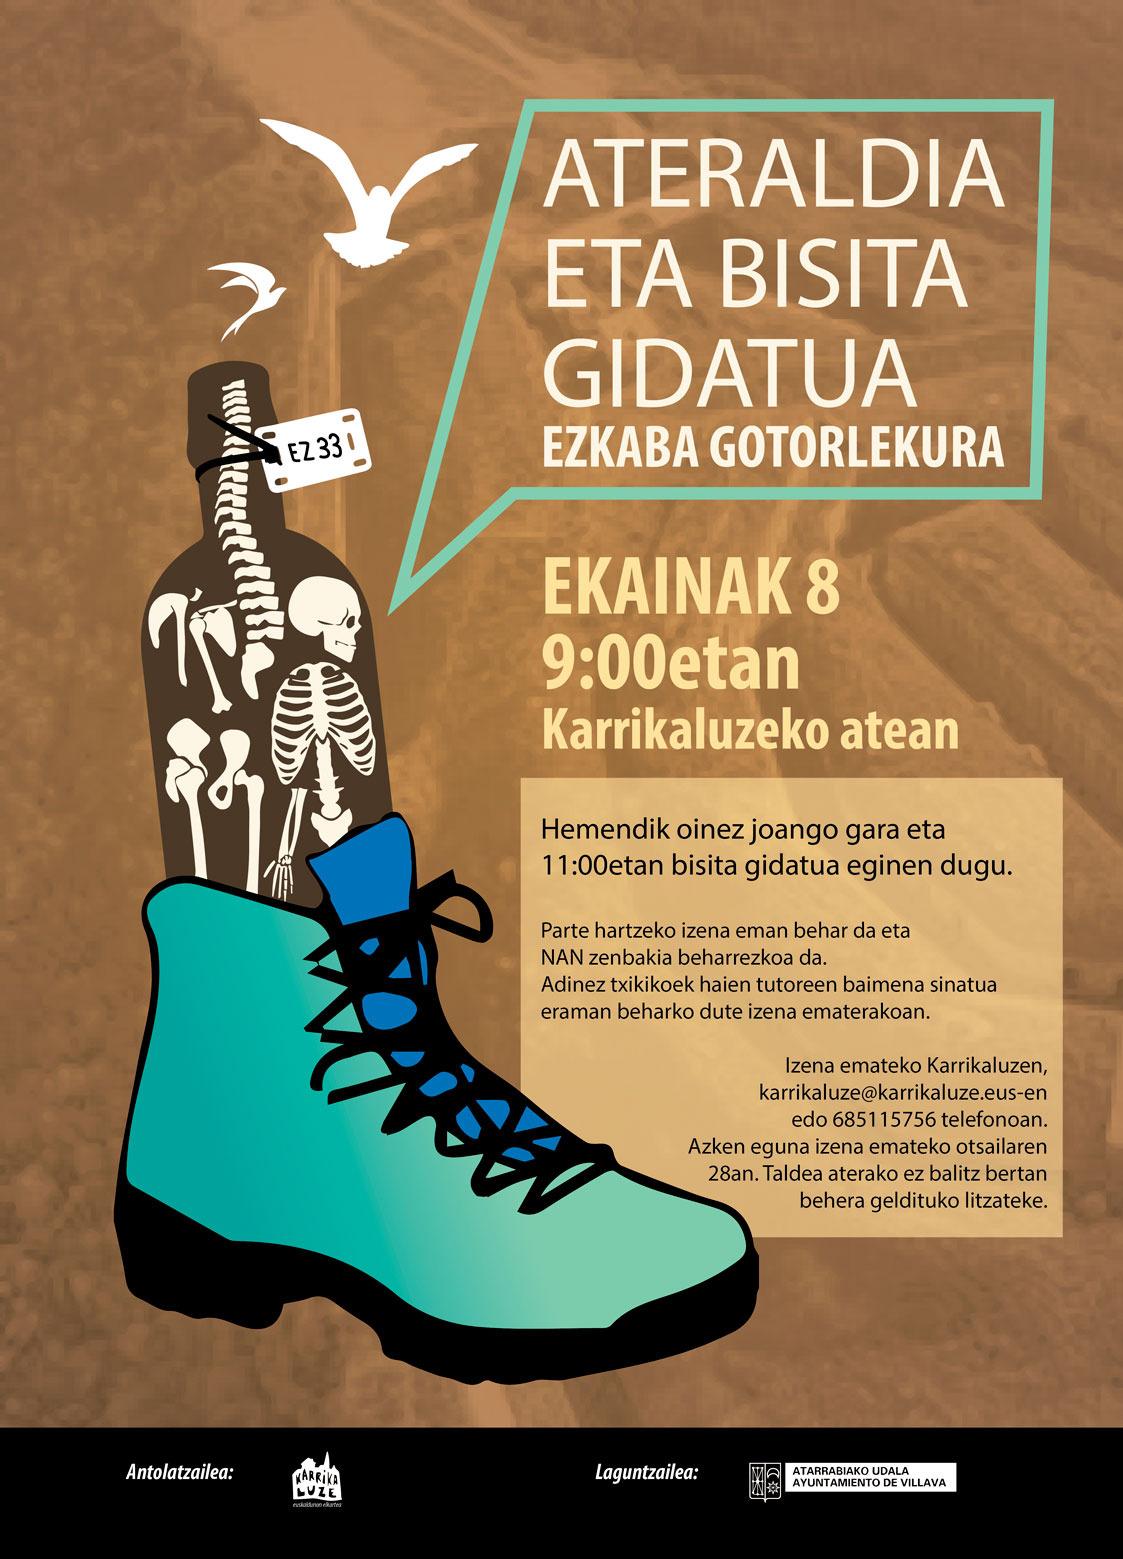 ATERALDIA ETA BISITA GIDATUA EZKABAKO GOTORLEKURA @ KARRIKALUZE ELKARTETIK ABIATUTA.